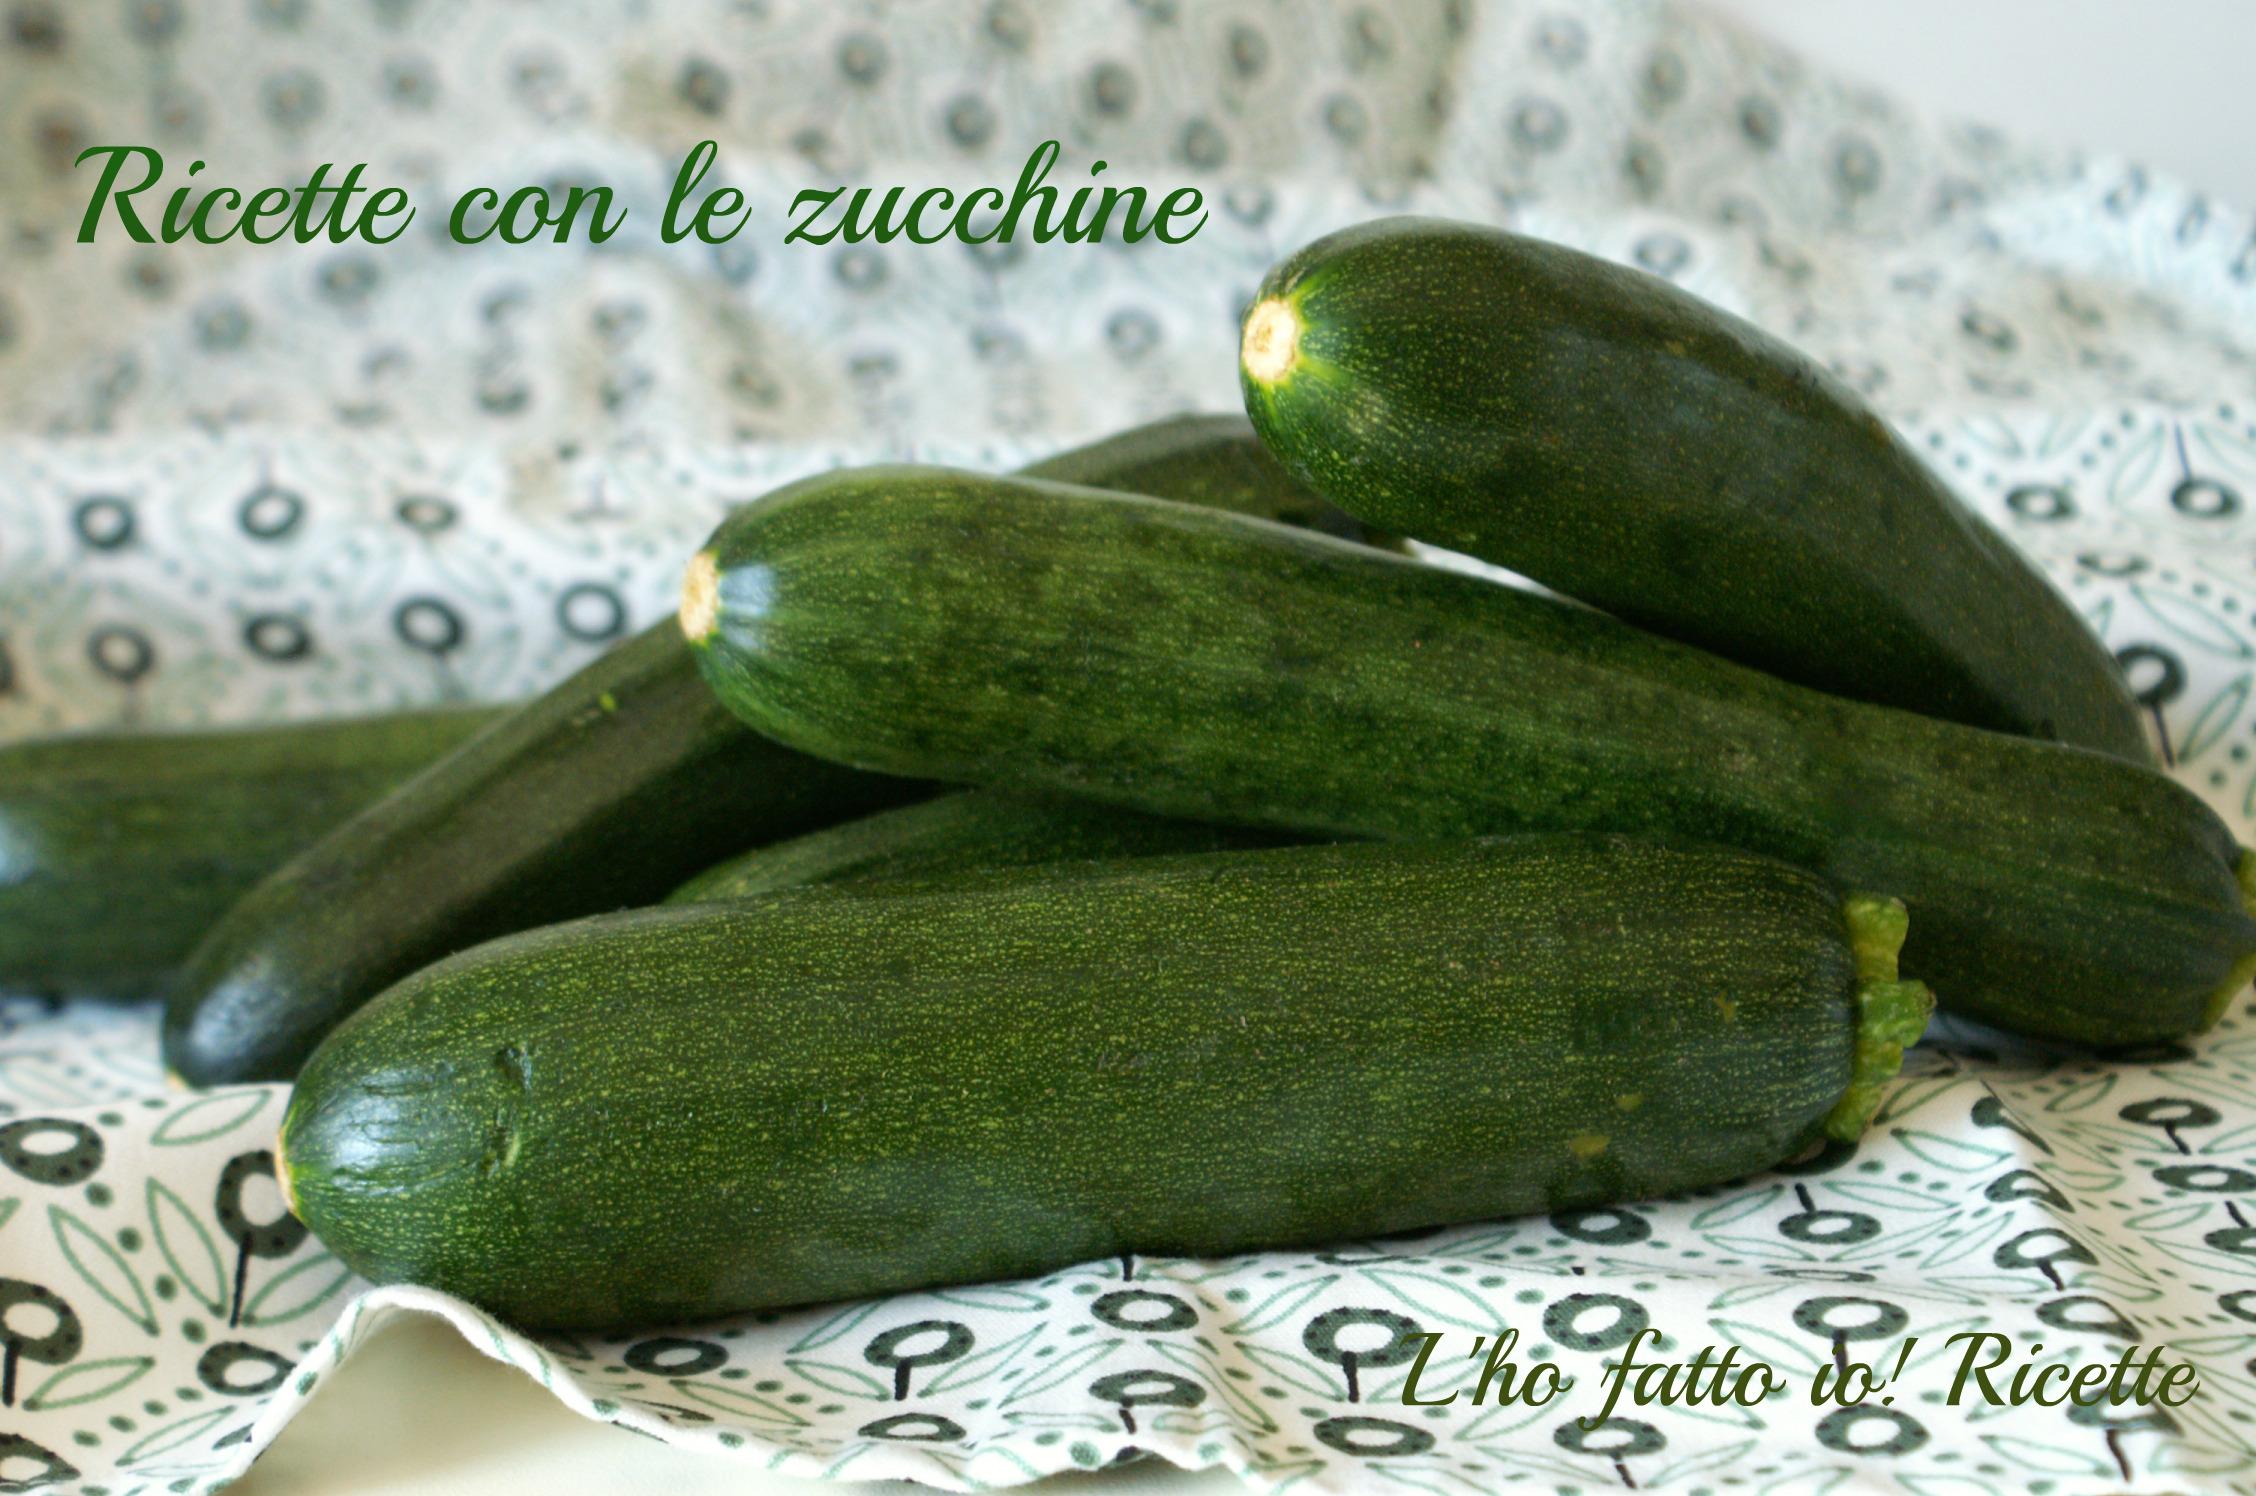 Ricette per cucinare le zucchine la raccolta del blog l 39 ho for Cucinare le zucchine